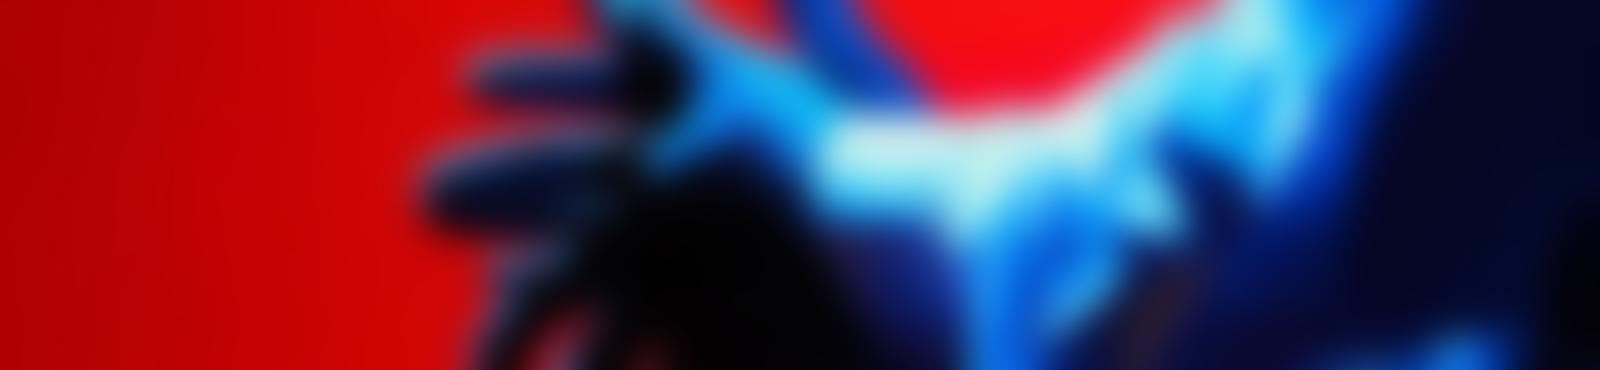 Blurred cf744b30 7139 46e8 974b dad8c45e3f1a